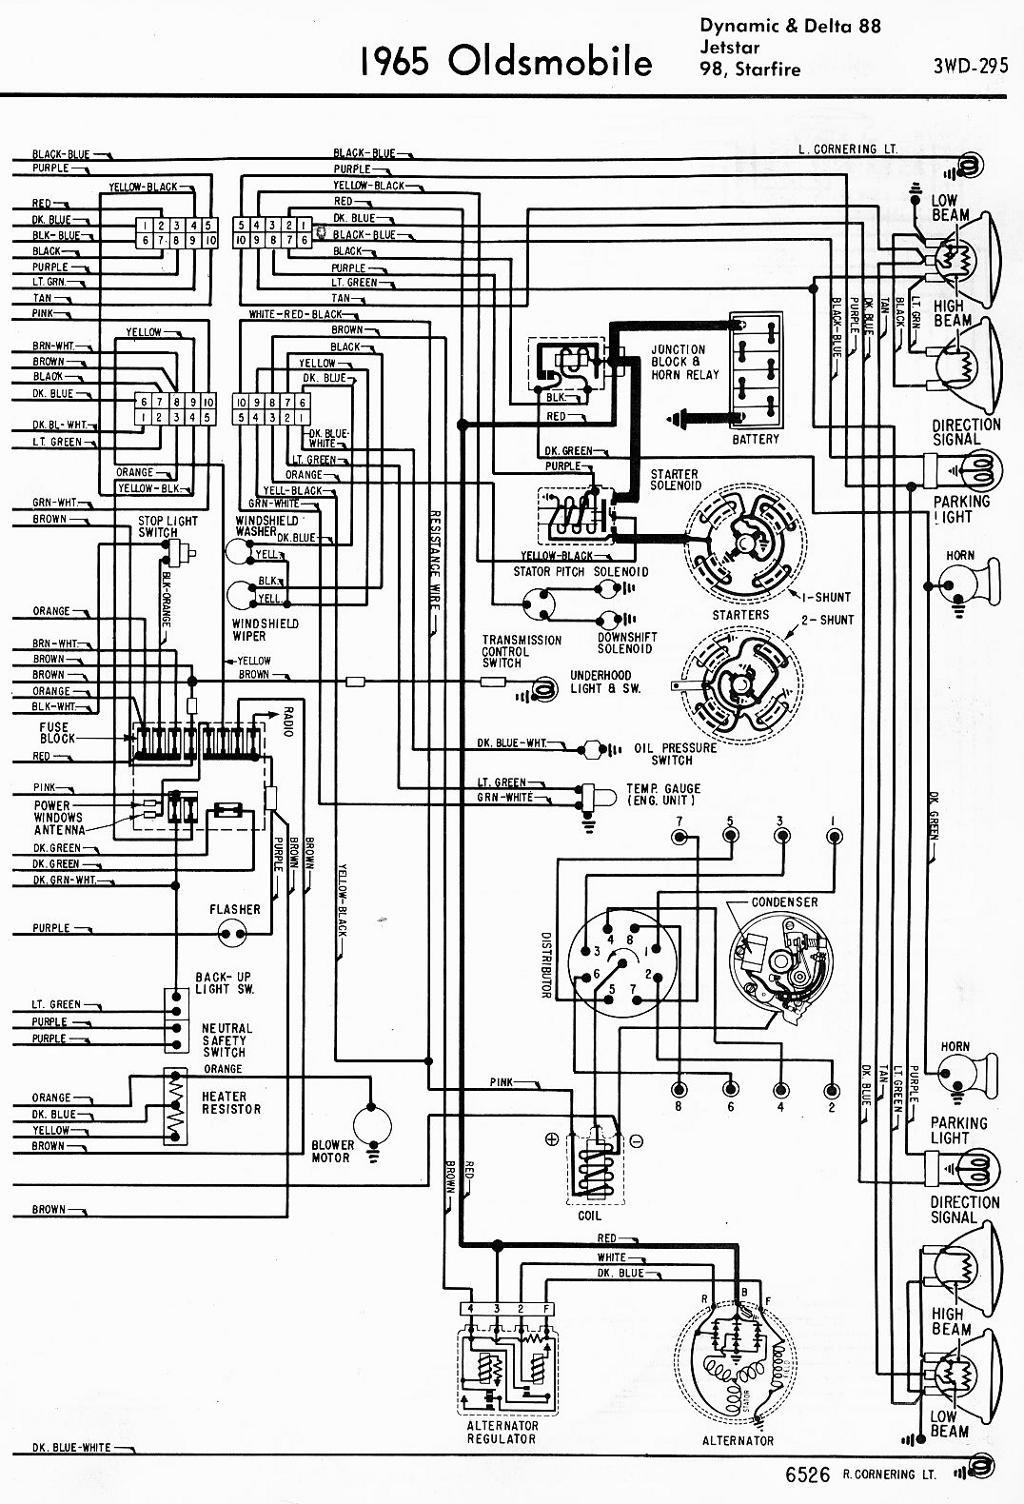 hight resolution of 98 isuzu npr wiring diagram 98 jeep cherokee wiring isuzu npr relay box diagram isuzu npr relay box diagram